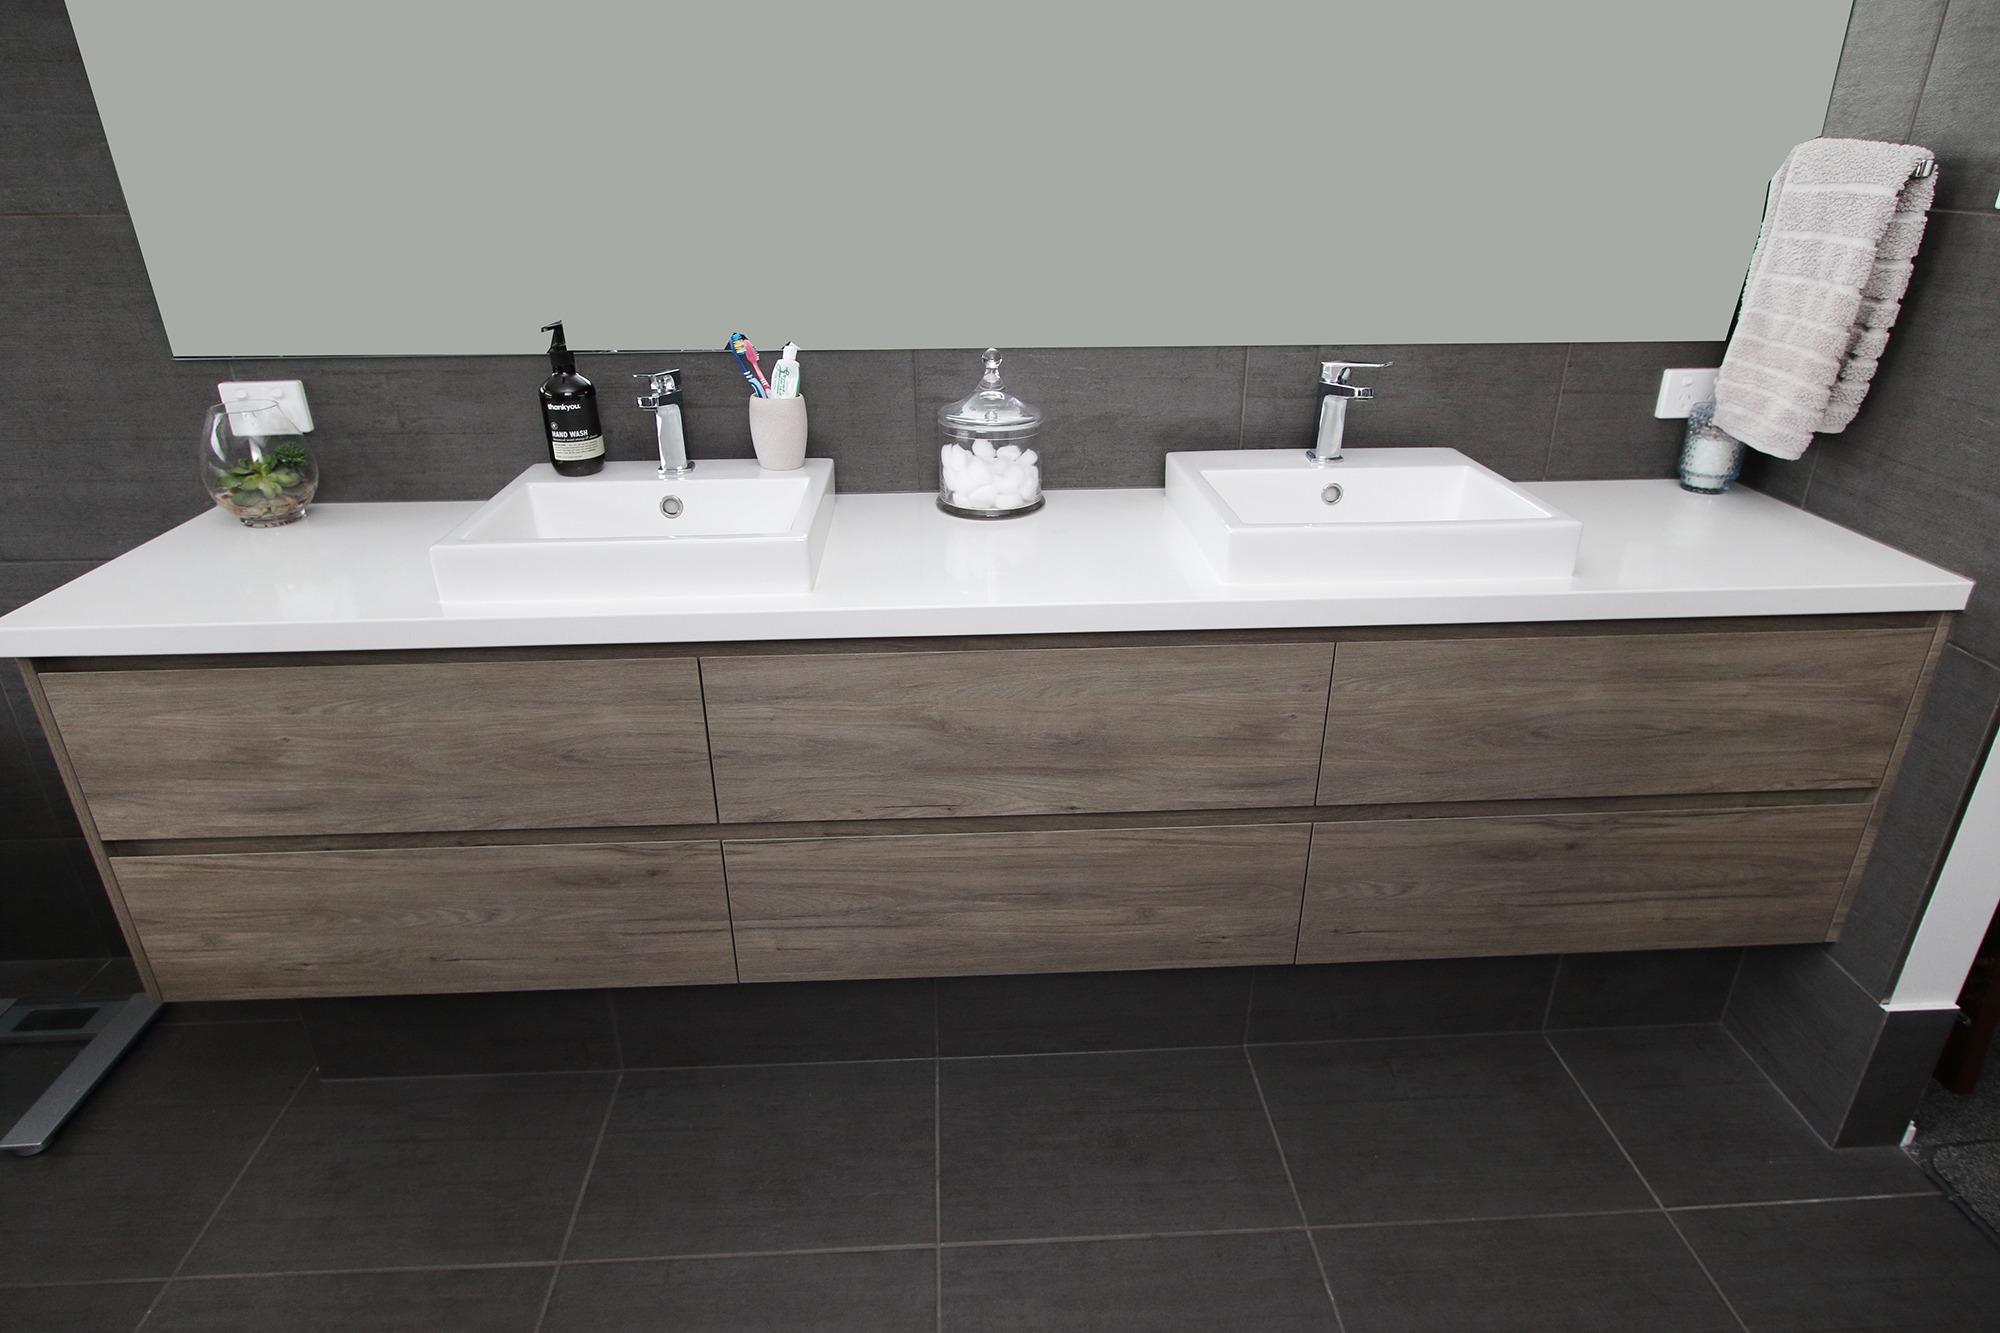 Storage_units_for_bathroom